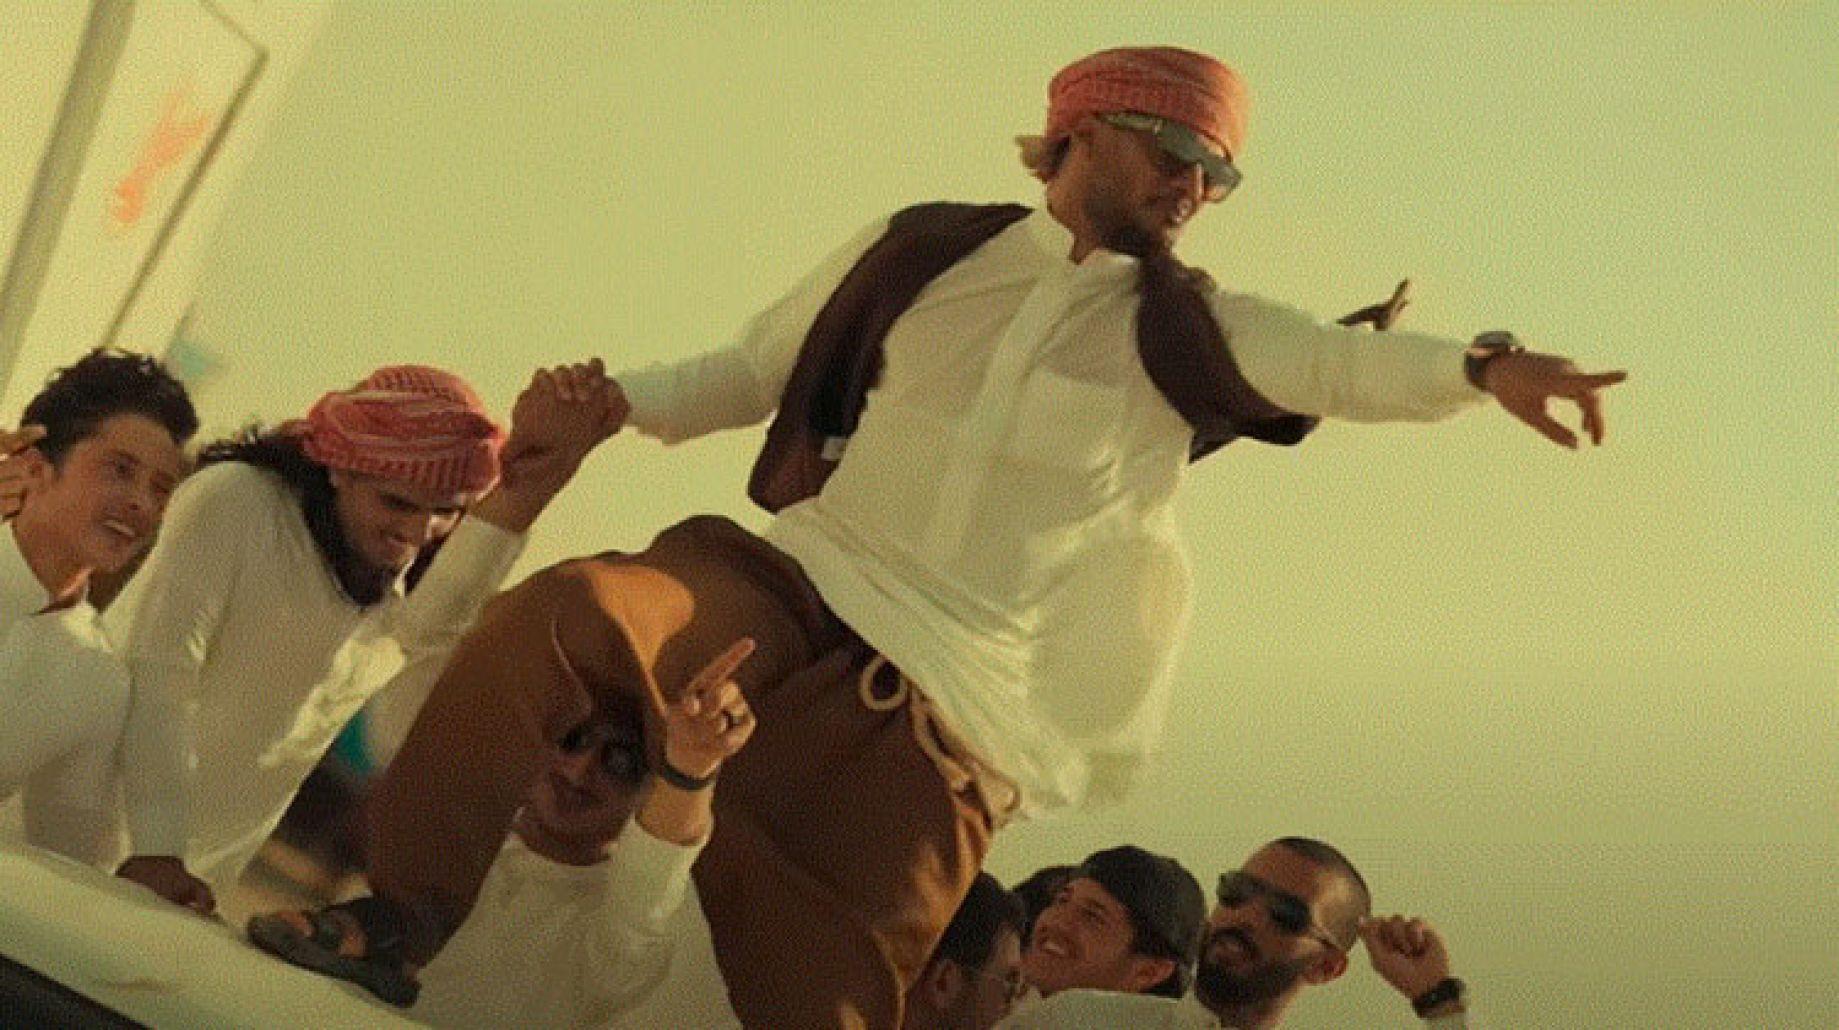 محمد رمضان يثير الجدل في اغنيته على الله